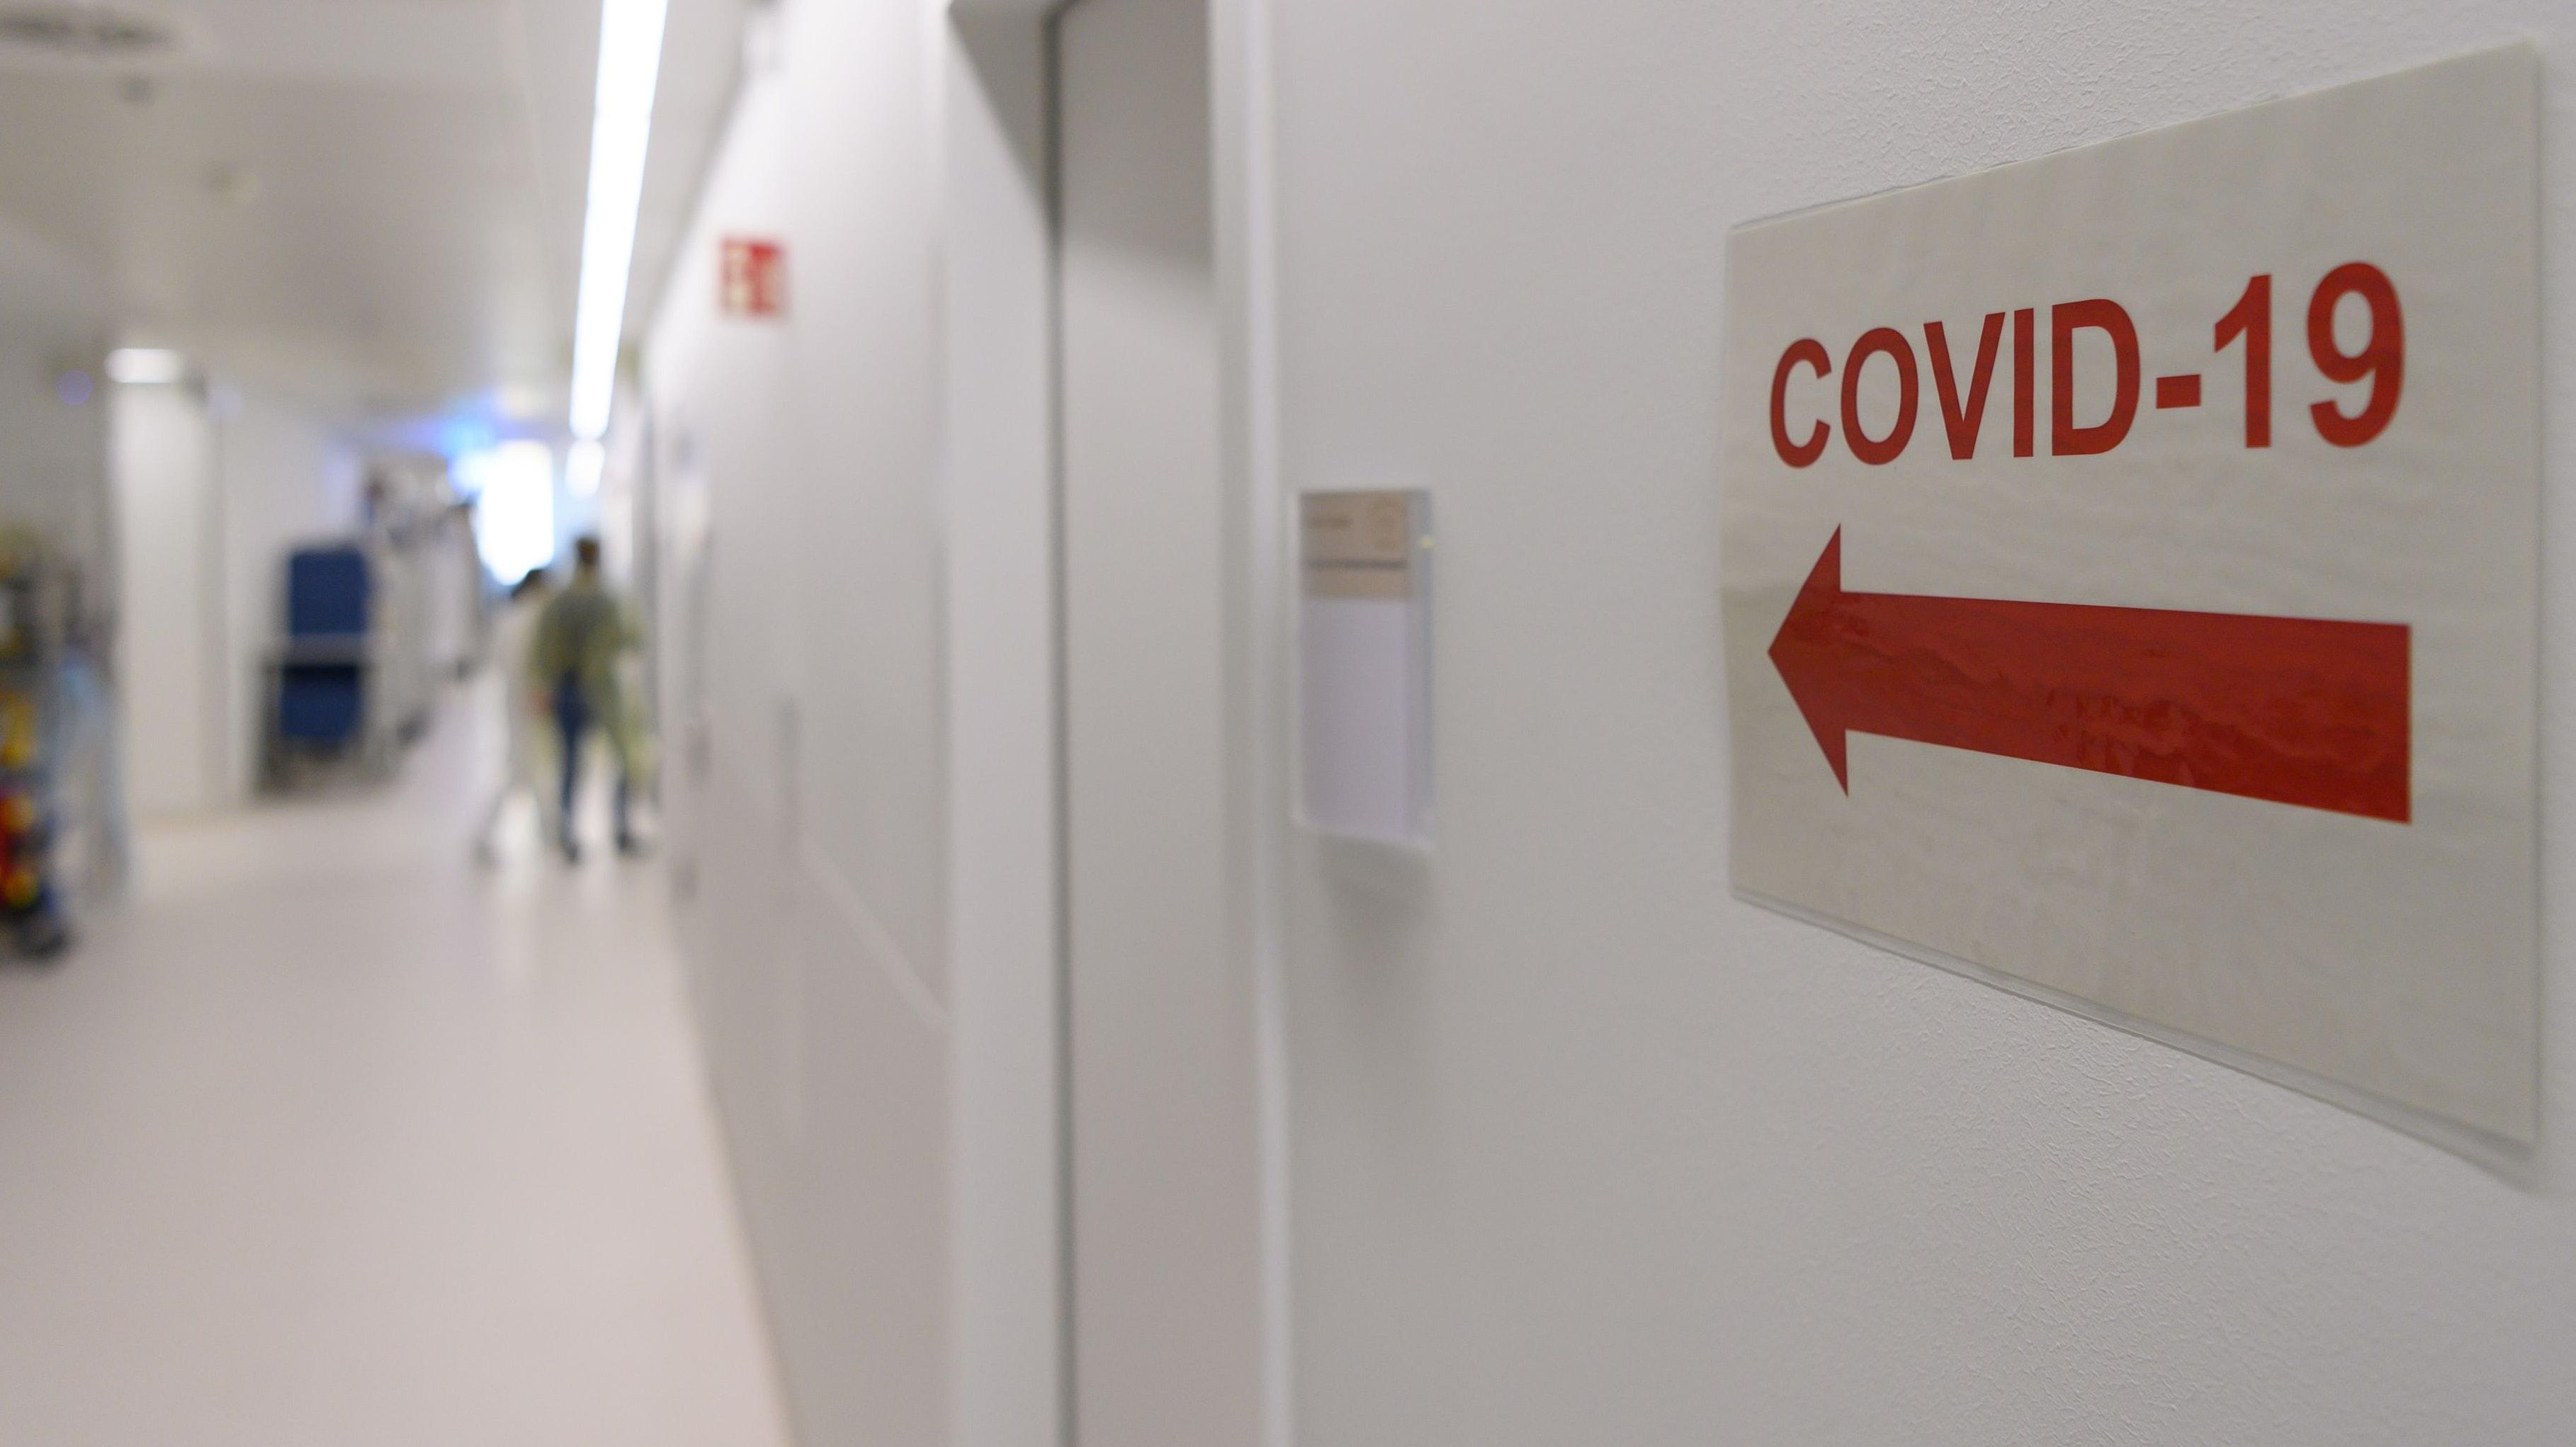 19 infizierte Patienten müssen im Kreis Cloppenburg stationär behandelt werden - das sind 6 mehr als am Vortag. Symbolfoto: dpa